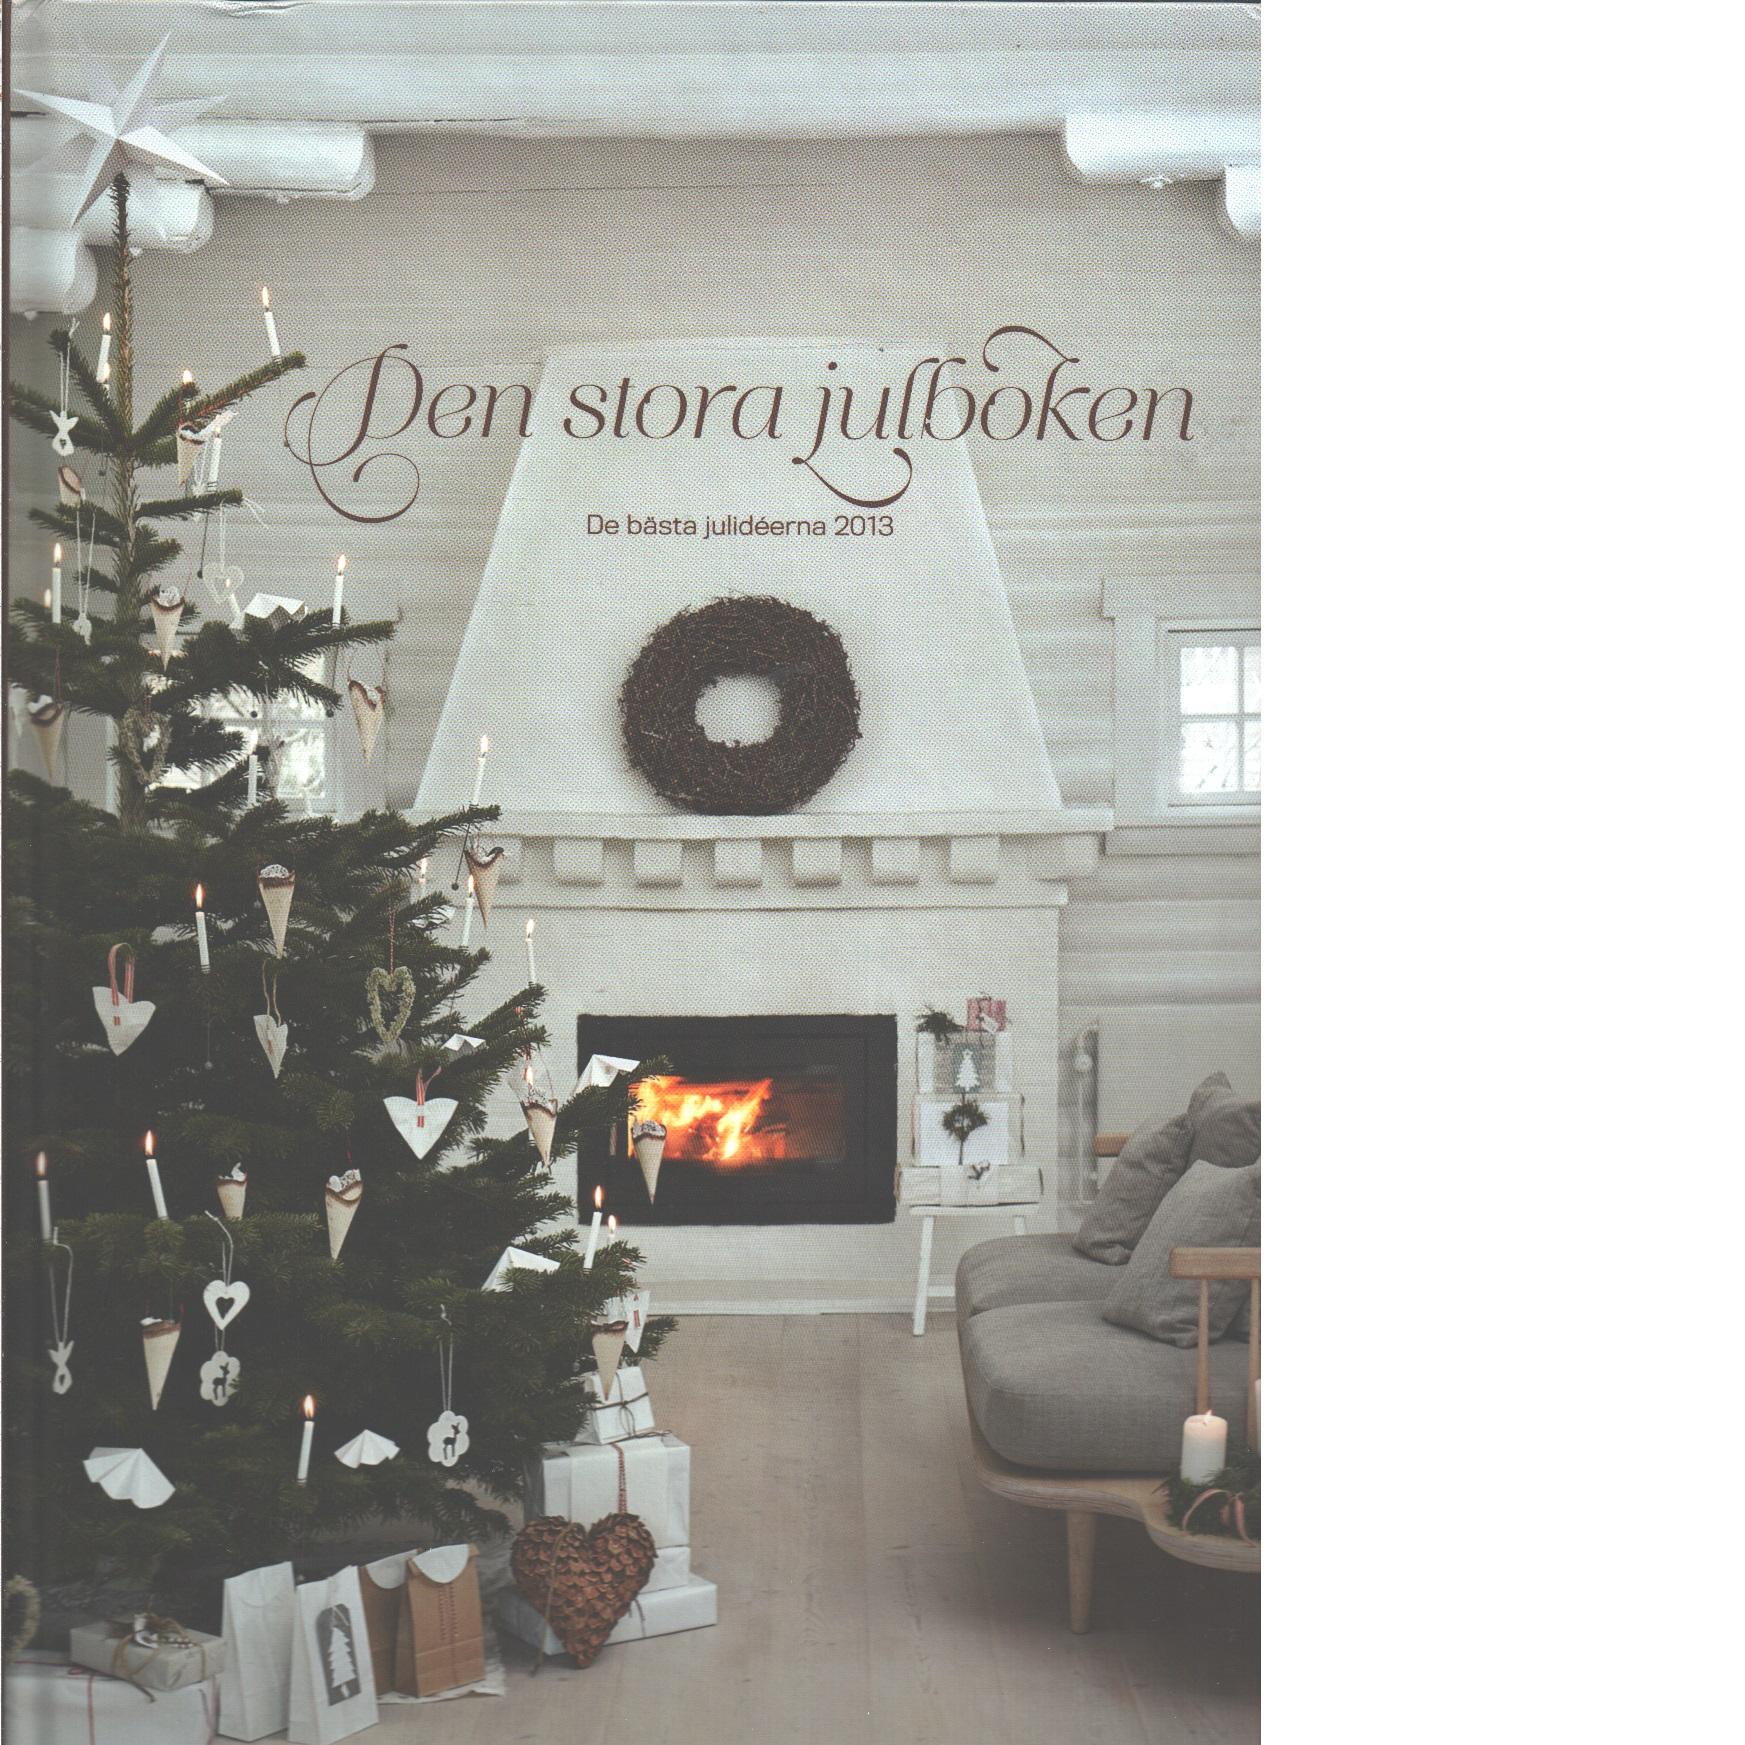 Den stora julboken - De bästa julideerna 2013 - Red.